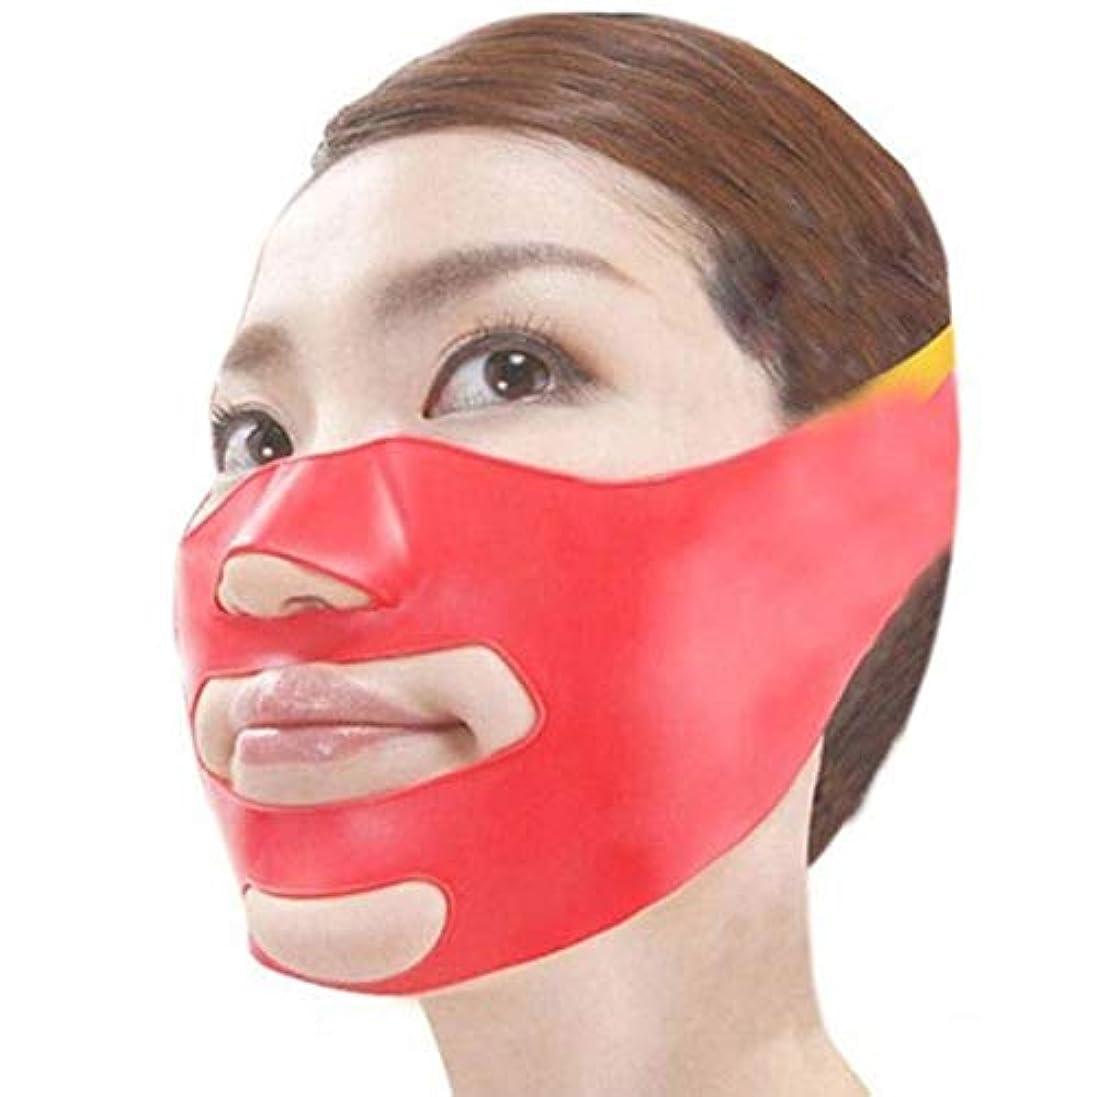 インカ帝国覗く偶然シリコーンフェイススリミングマスクフェイスチンリフトバンドスキンケアリフティングラップVシェイプダブルチンタイトベルト(Color:red)